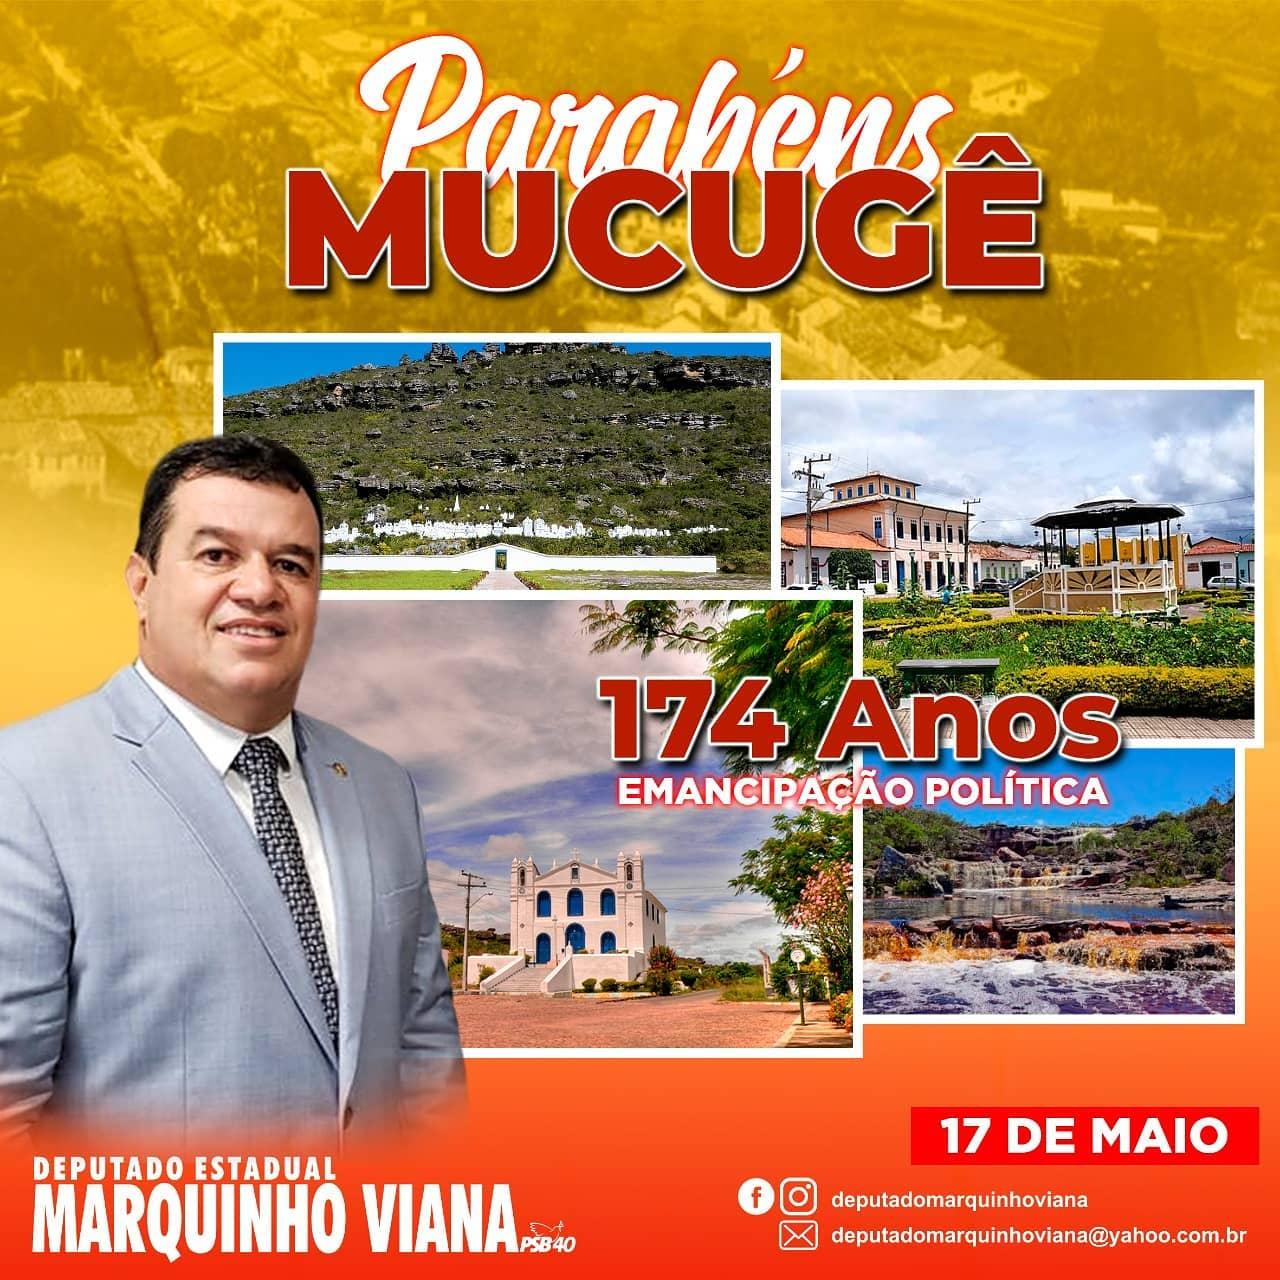 Deputado Marquinho Viana parabeniza Mucugê pelo aniversário de emancipação política